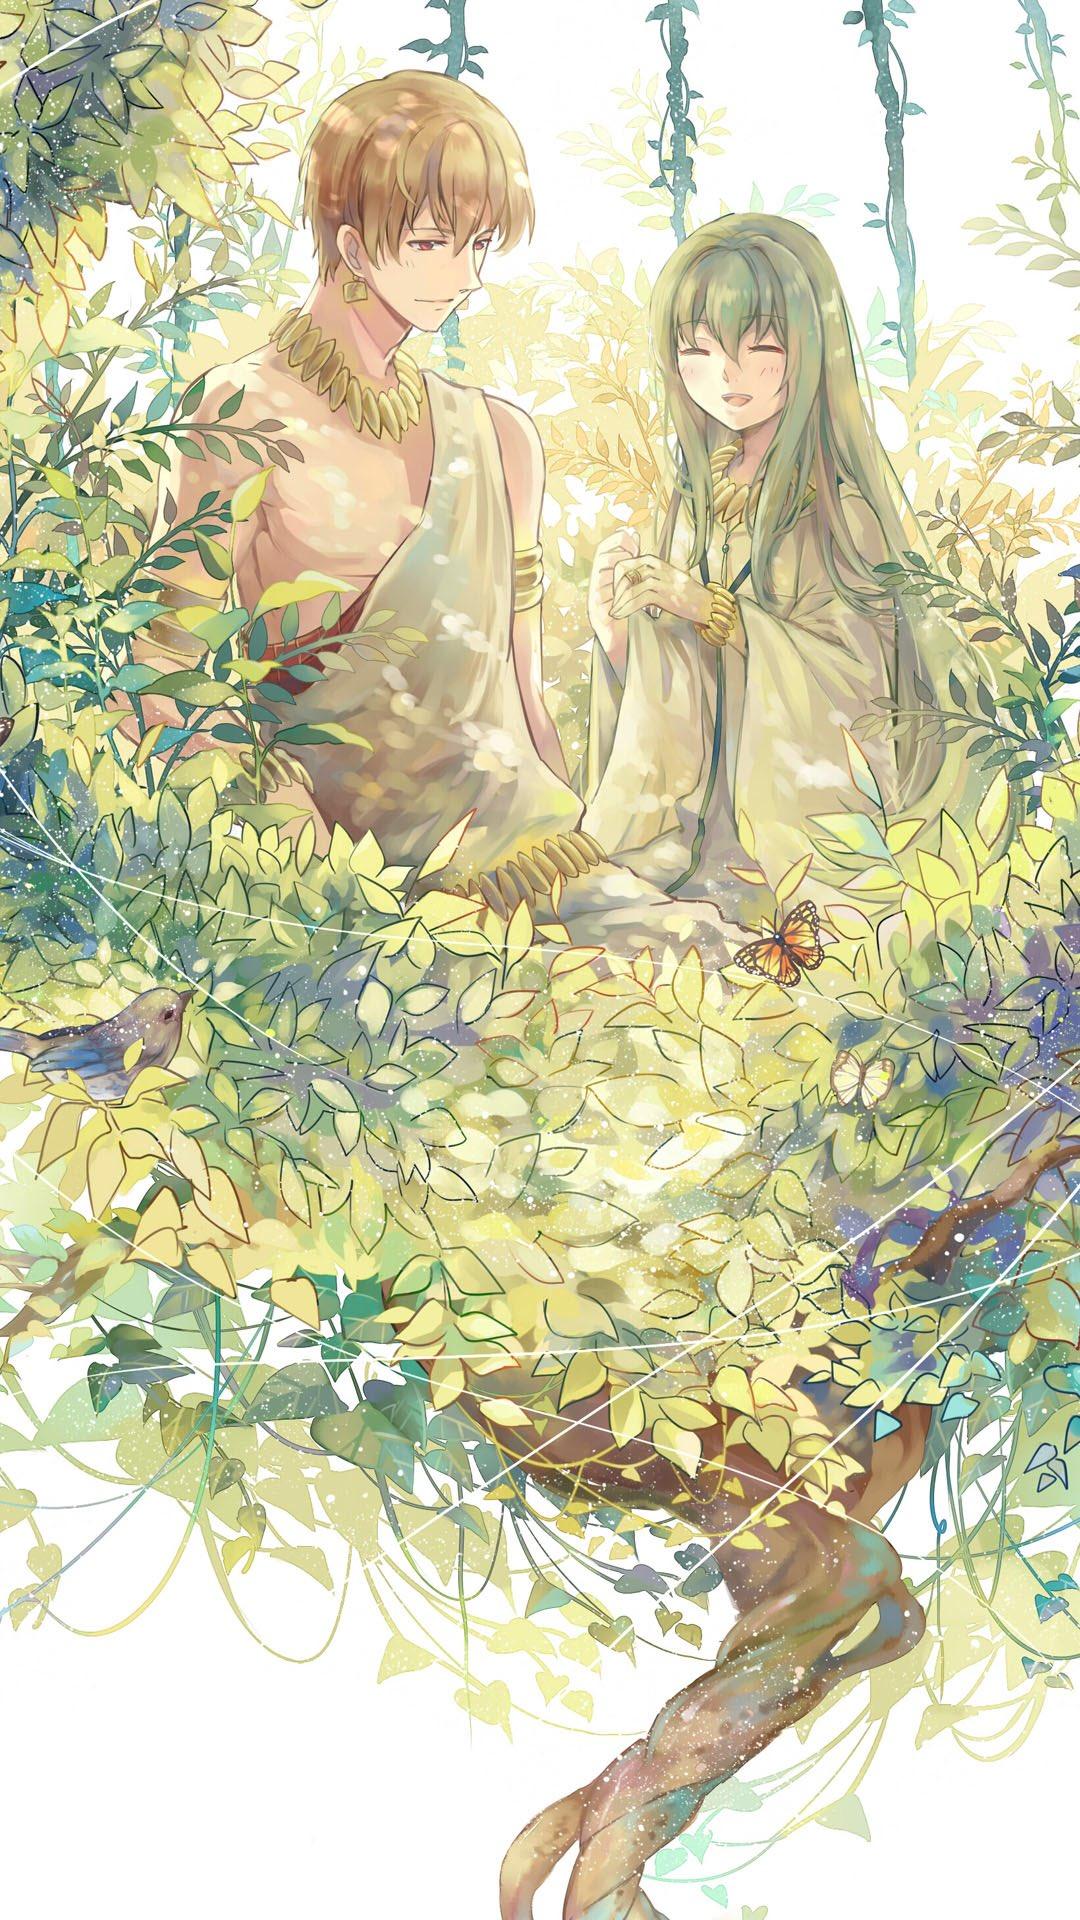 アニメファッショニスタ 鈴木さん Fate どうも鈴木です いやー仕事終わりのラーメンは最高ですね ということでラーメン屋での投稿になりますw 今回のリクエストはfateのギルガメッシュです Fate ギルガメッシュ 好きな人rt Iphone壁紙